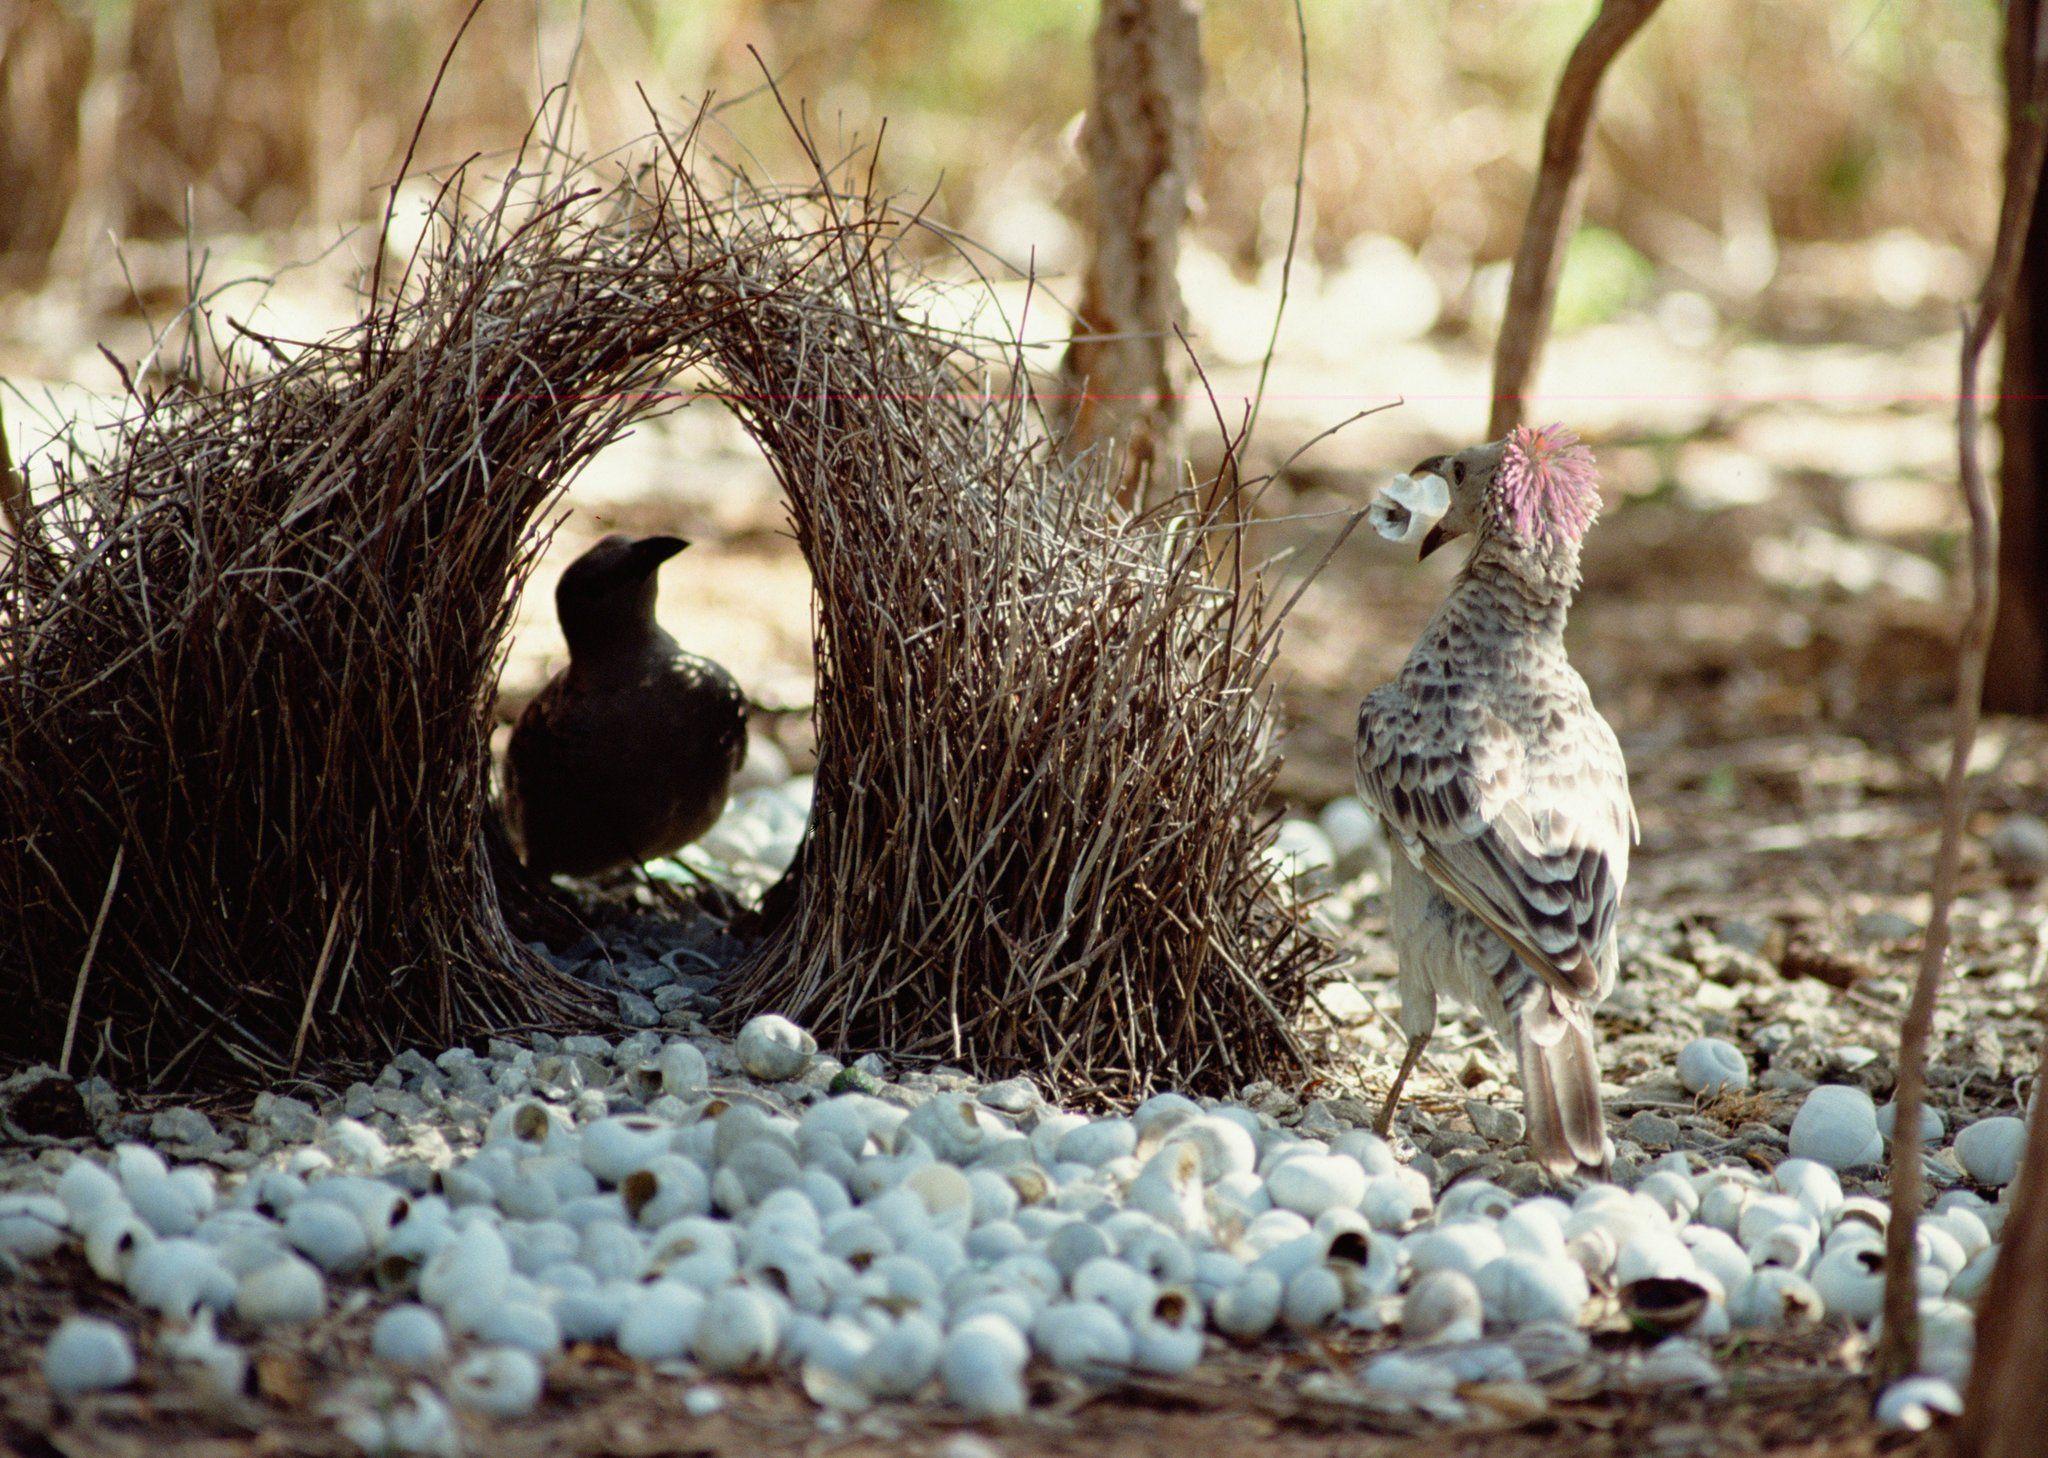 Avustralya'da bir erkek çardak kuşunun dişi kuş için sergilediği eser.